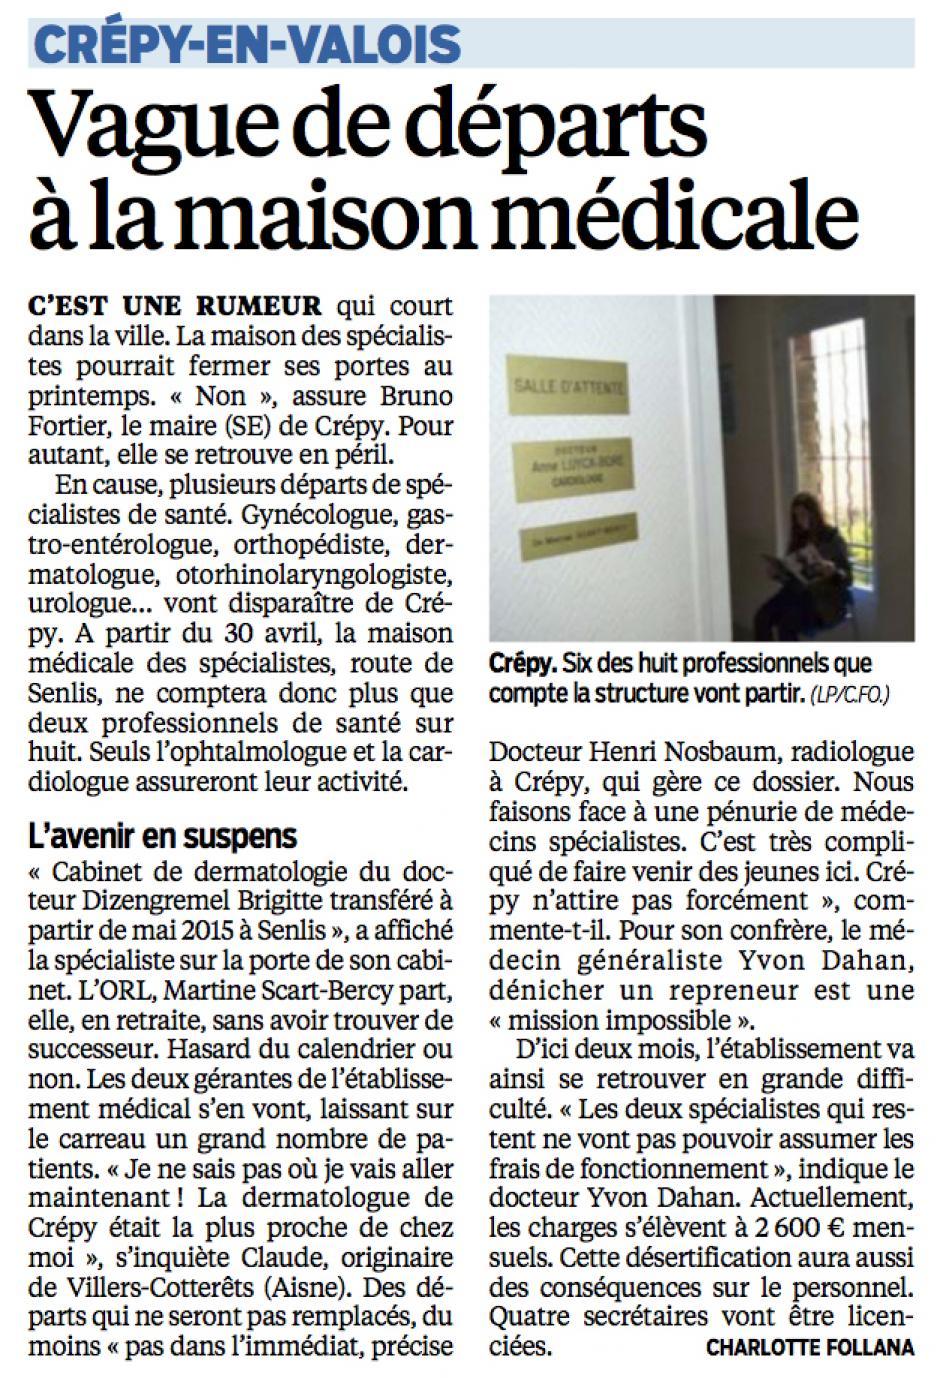 20150220-LeP-Crépy-en-Valois-Vague de départs à la maison médicale